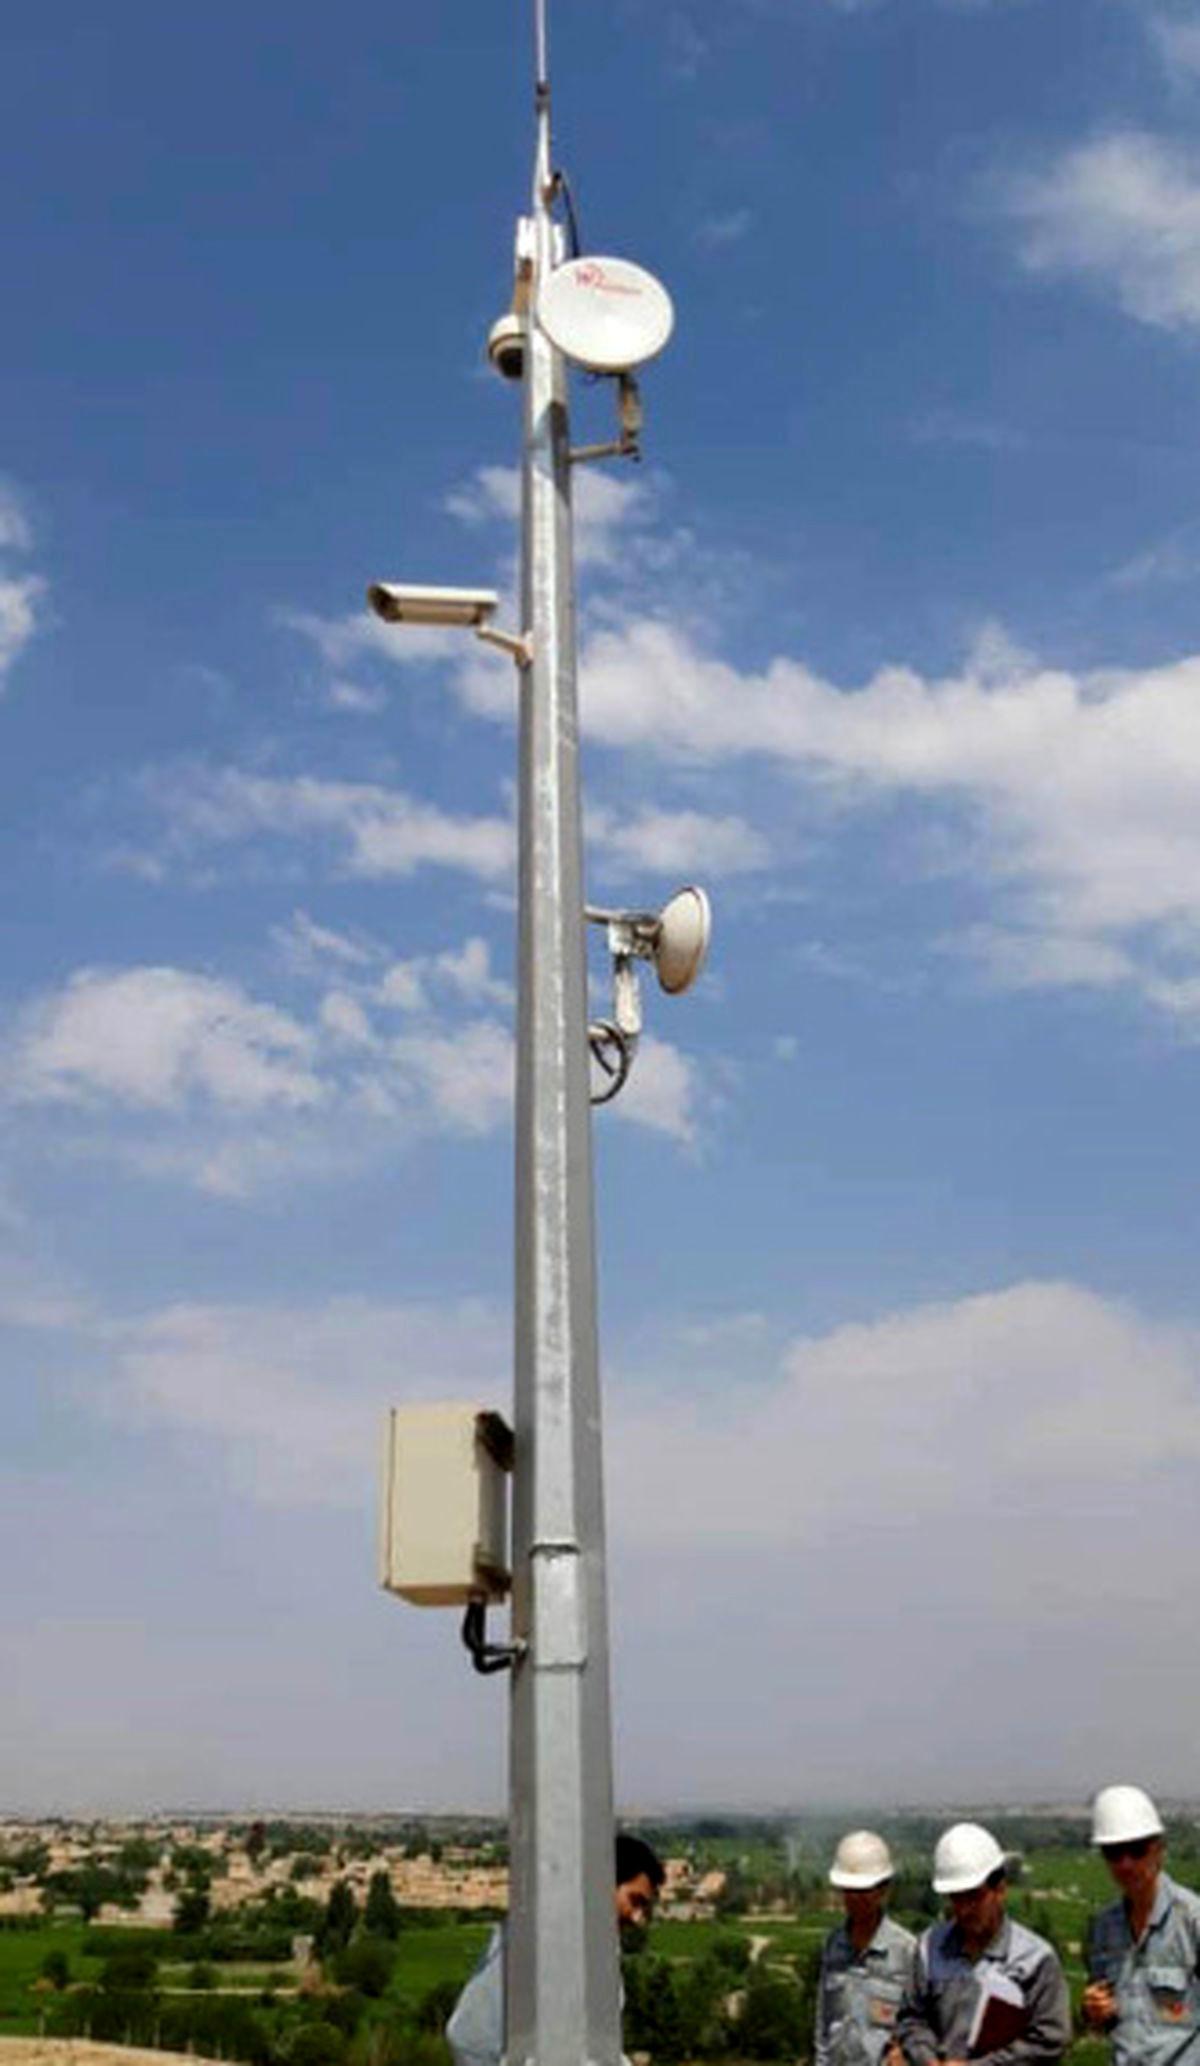 طراحی، ساخت، نصب و راهاندازی دوربینهای نواحی مختلف فولاد مبارکه